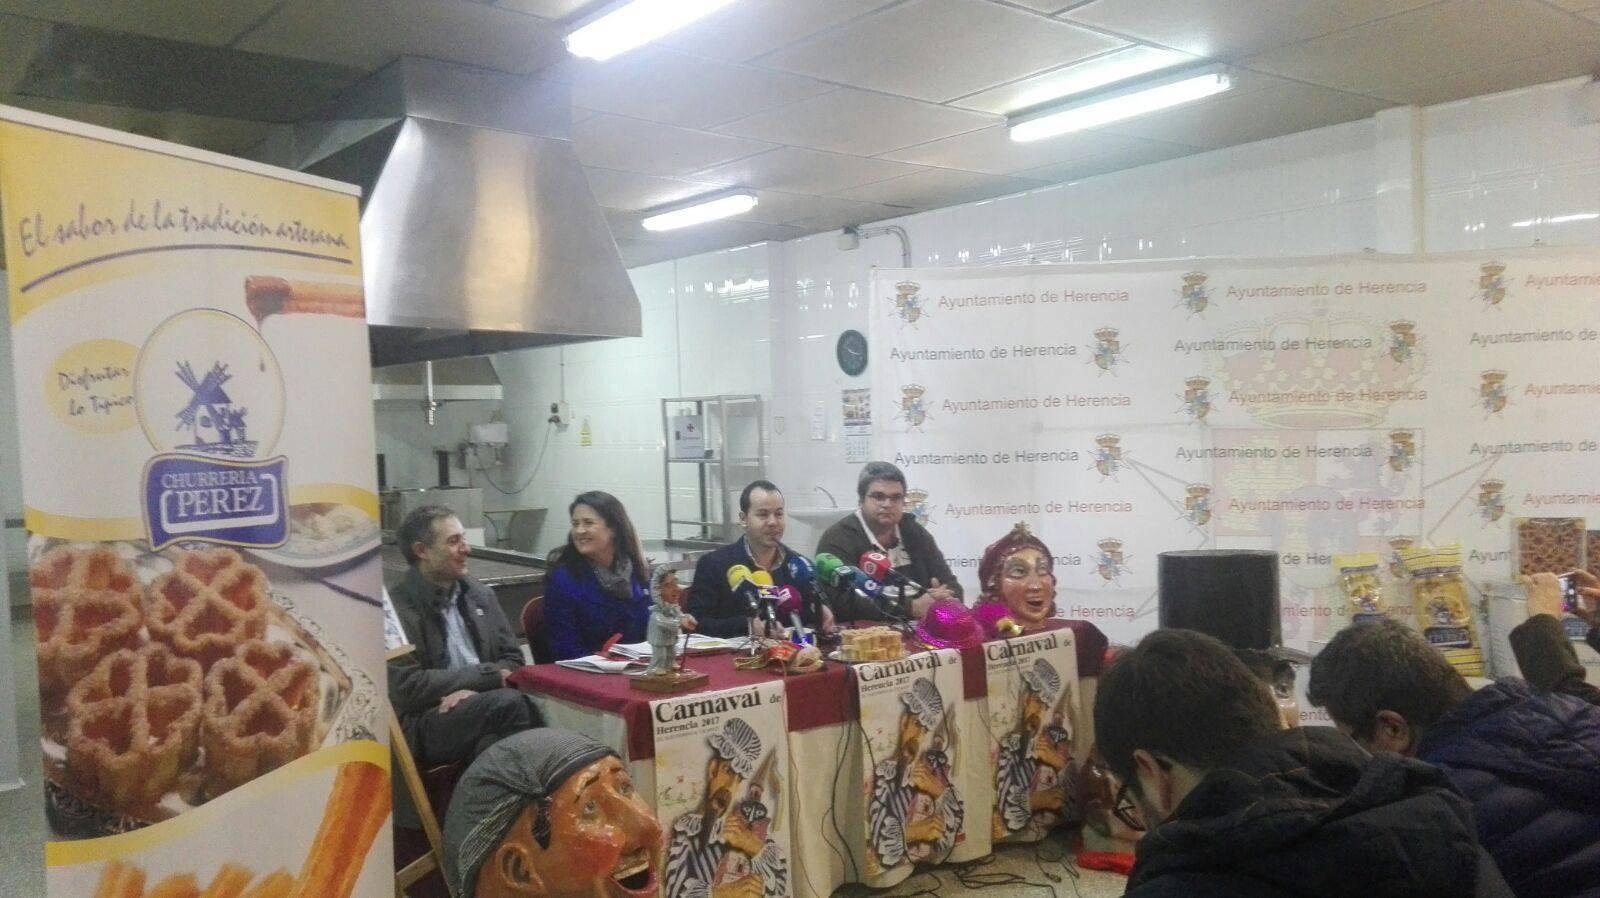 Programa de actos de Carnaval de Herencia 2017 2